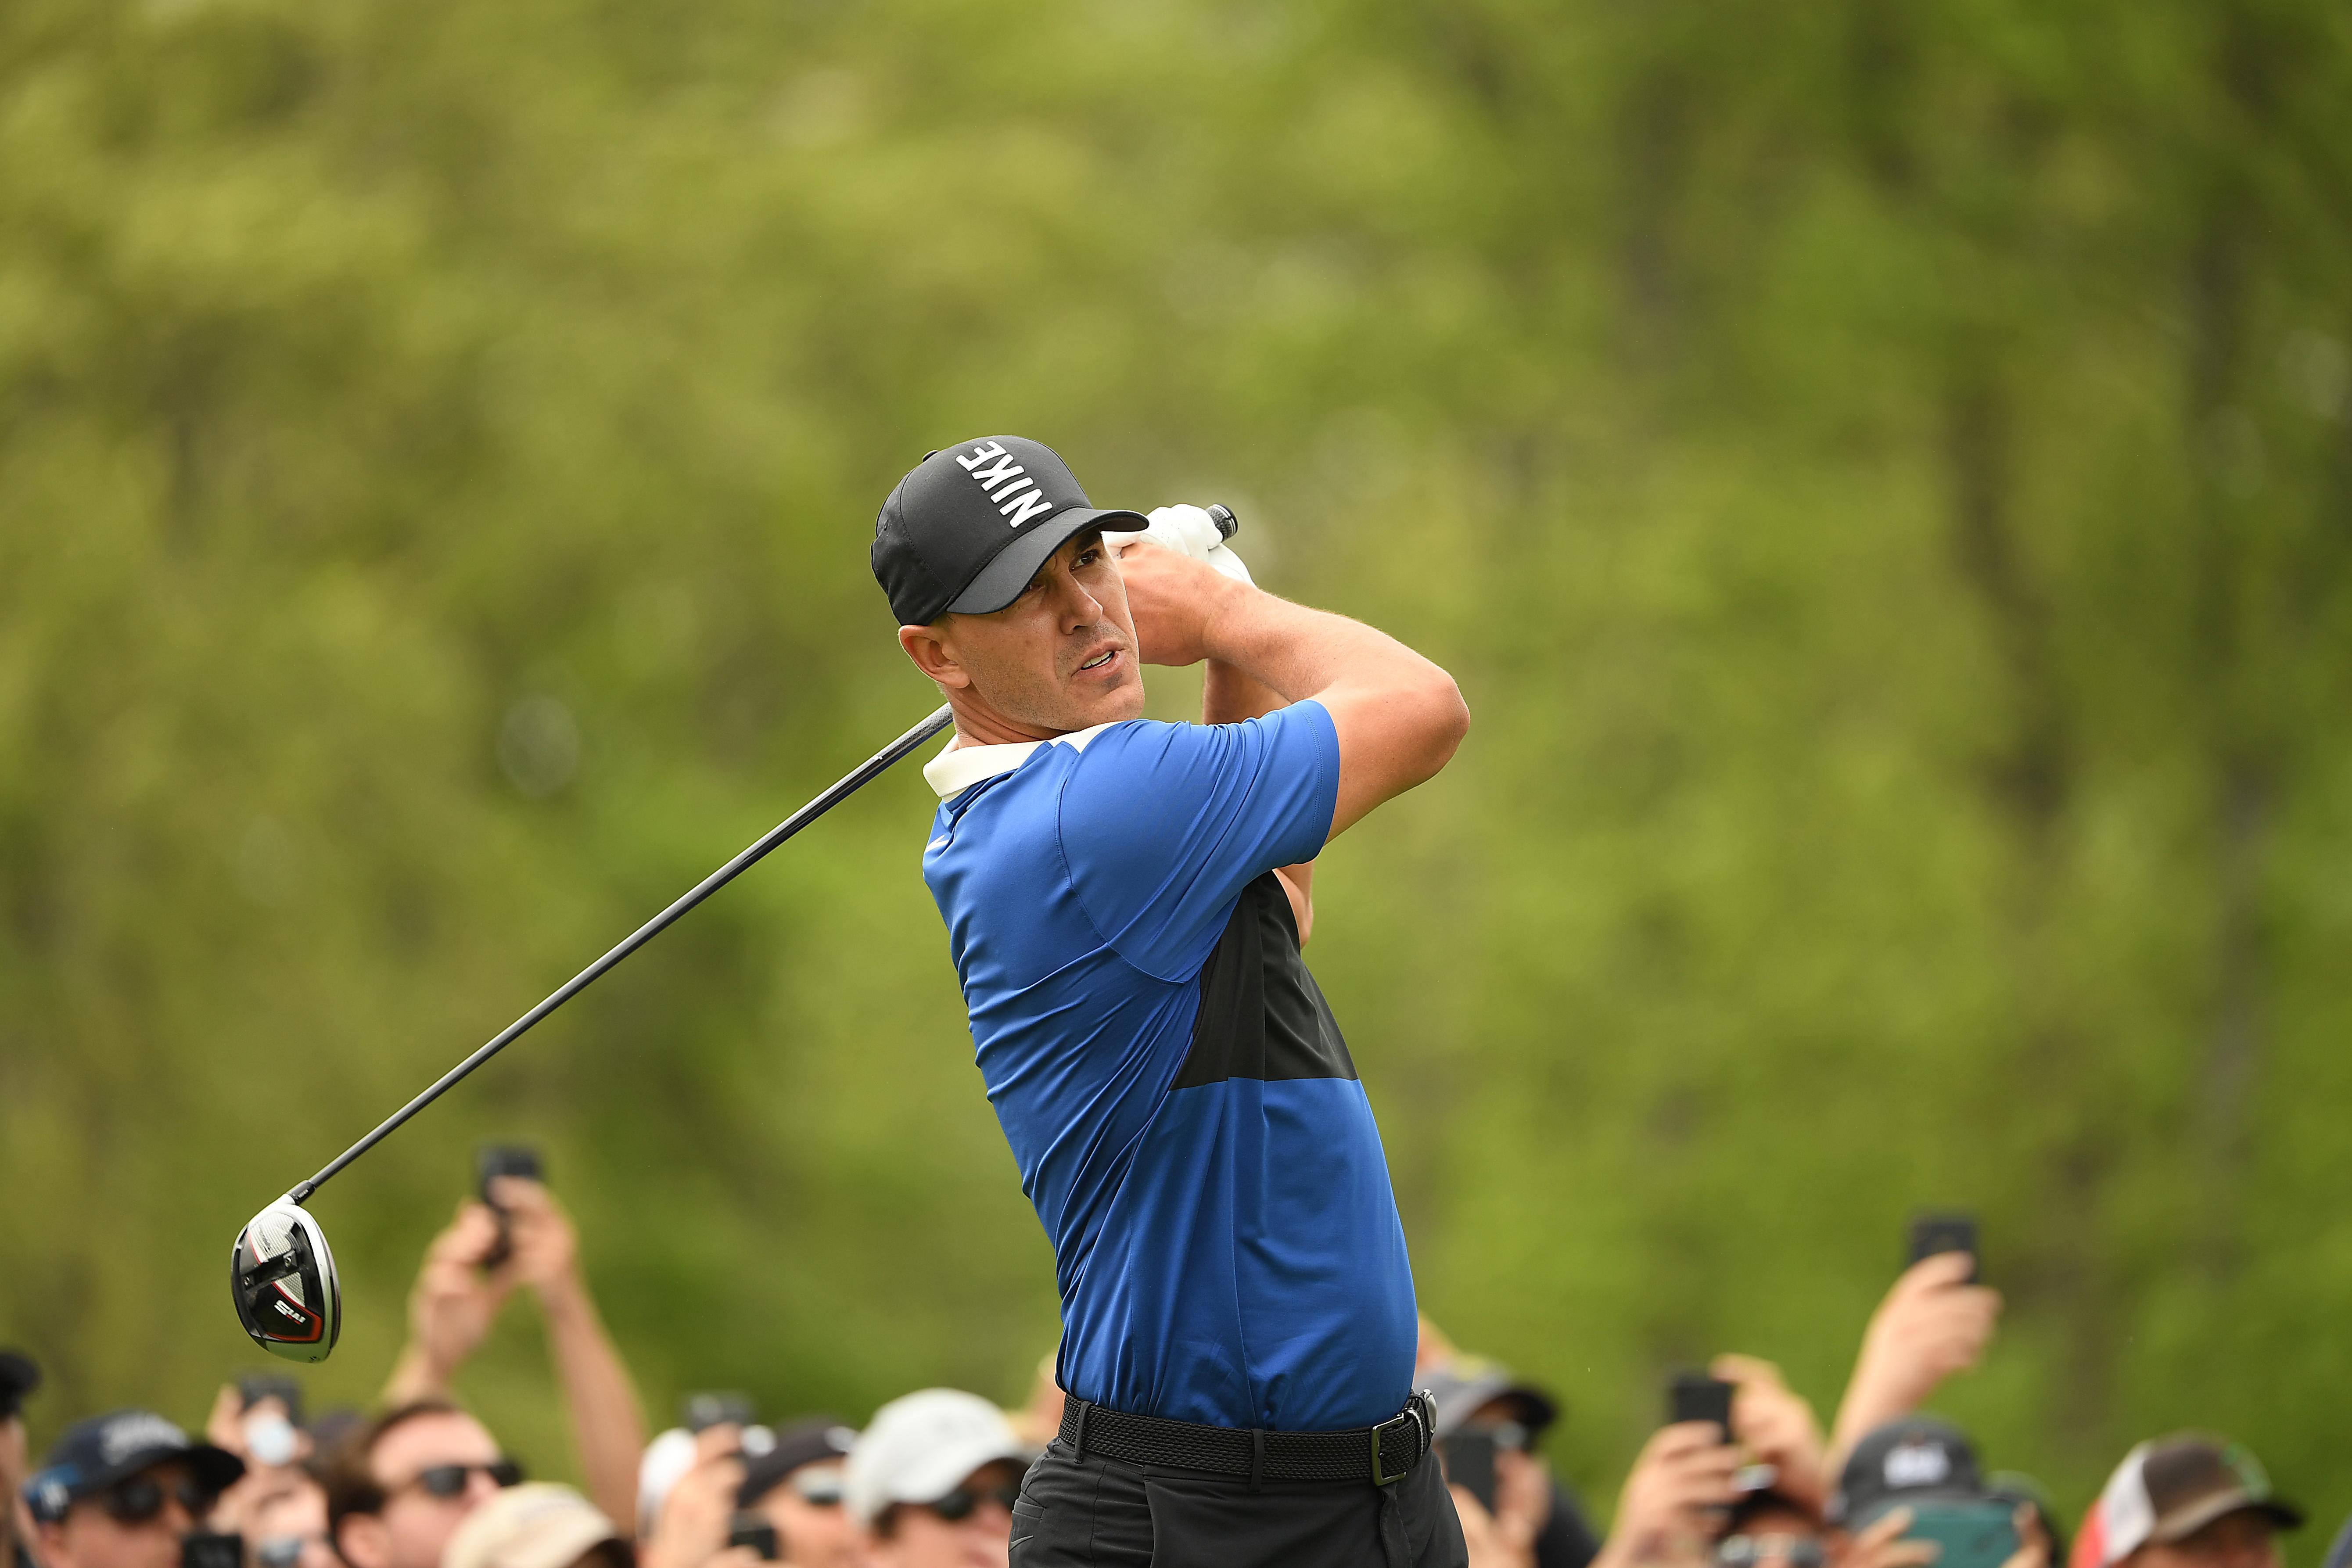 PGA高球锦标赛:科普卡卫冕成功